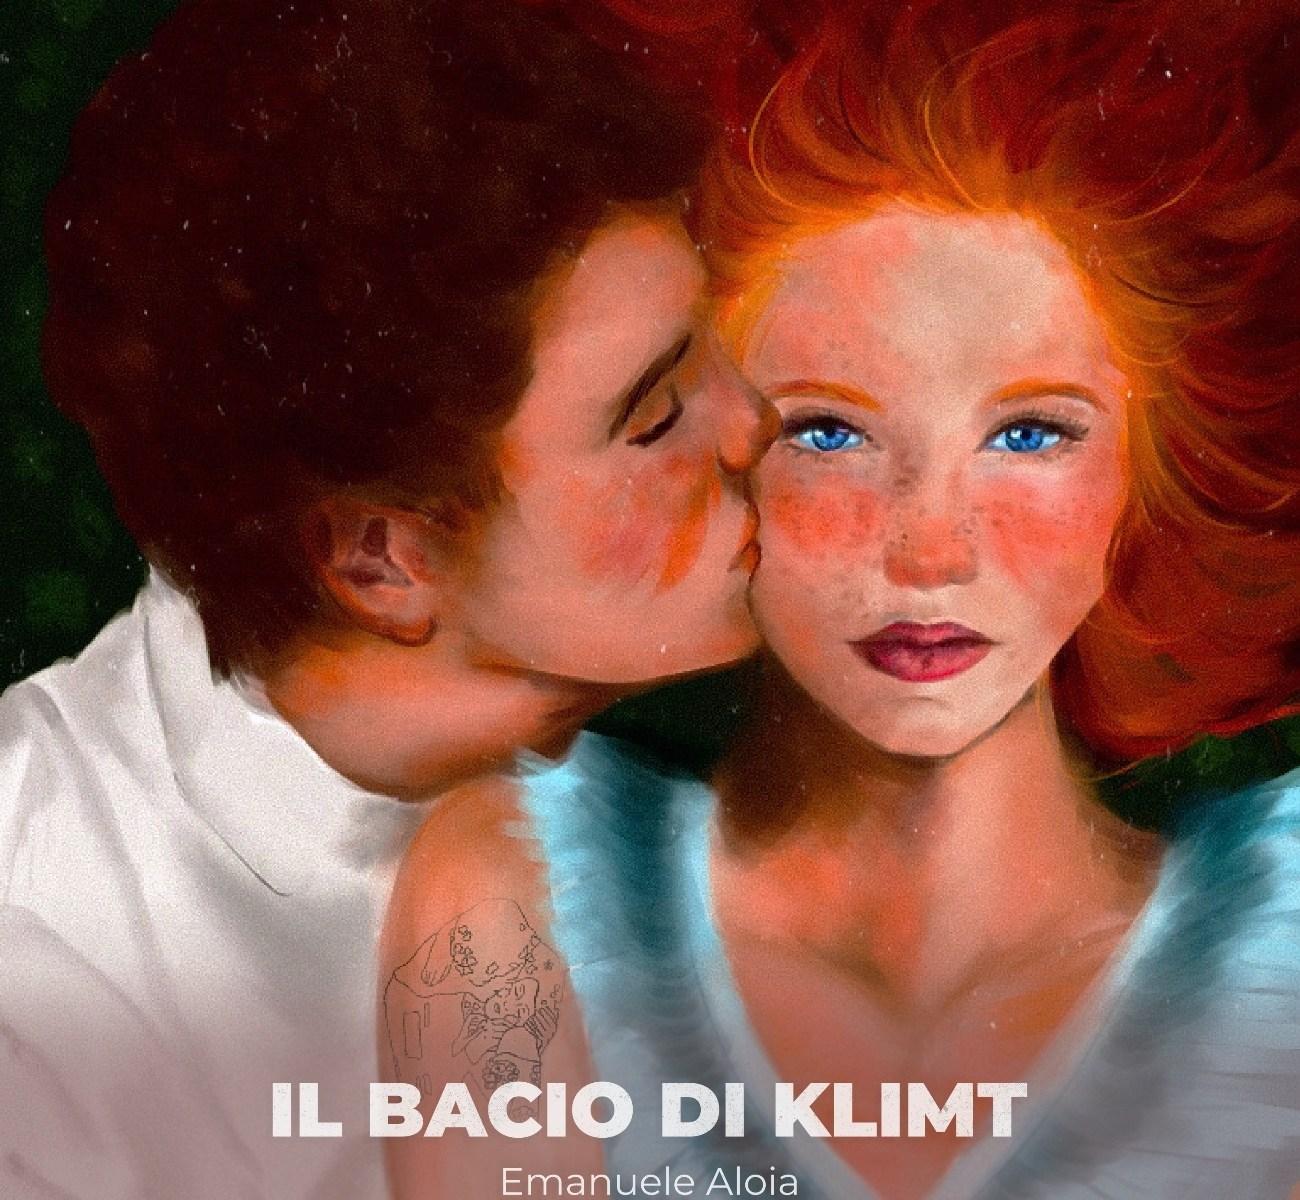 Il bacio di Klimt - Emanuele Aloia testo